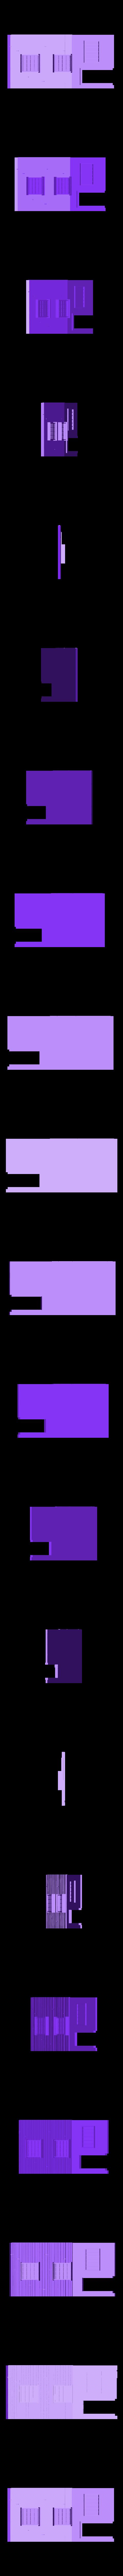 smith_back_1.stl Télécharger fichier STL gratuit Ripper's London - Les boutiques Partie 1 - Smiths and Co • Plan pour impression 3D, Earsling